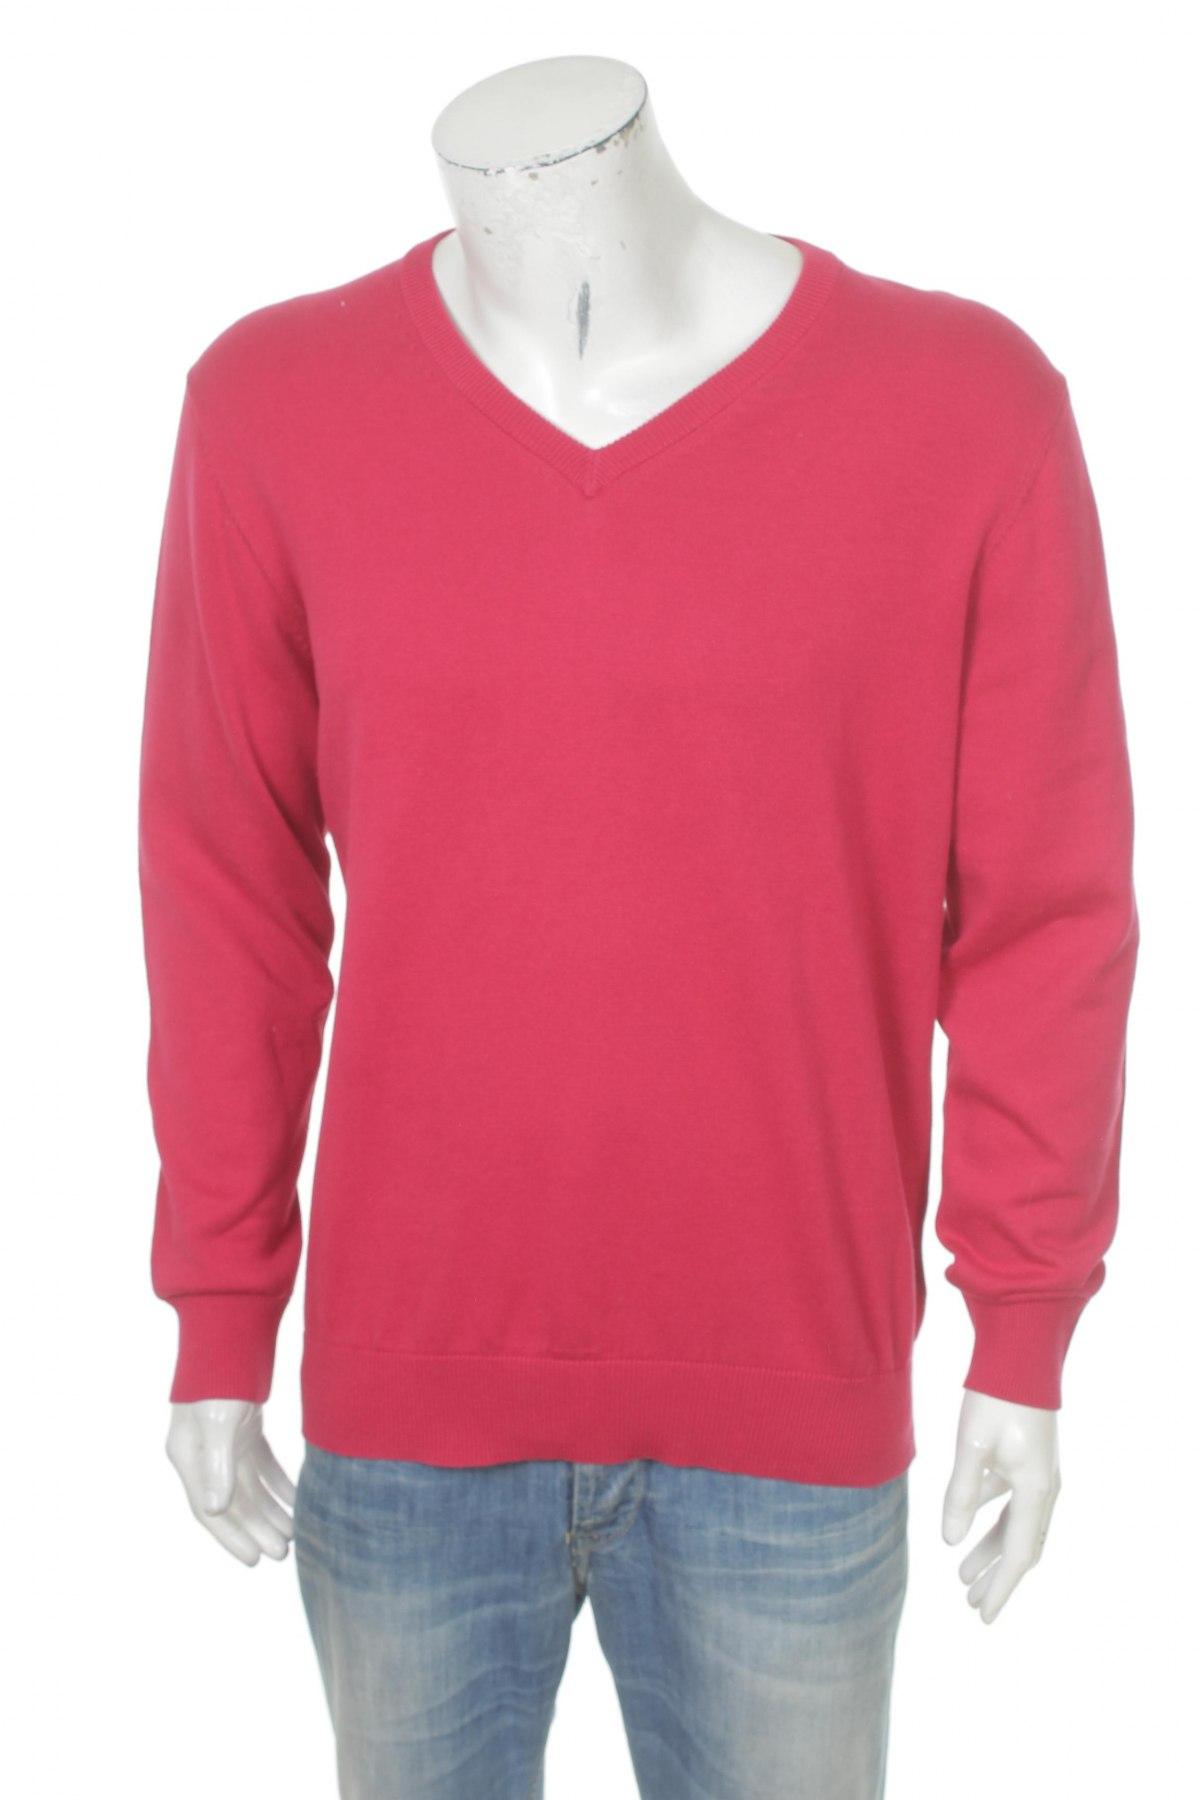 Pánský svetr Montego - za vyhodnou cenu na Remix -  9161608 2cdd3b2f7f